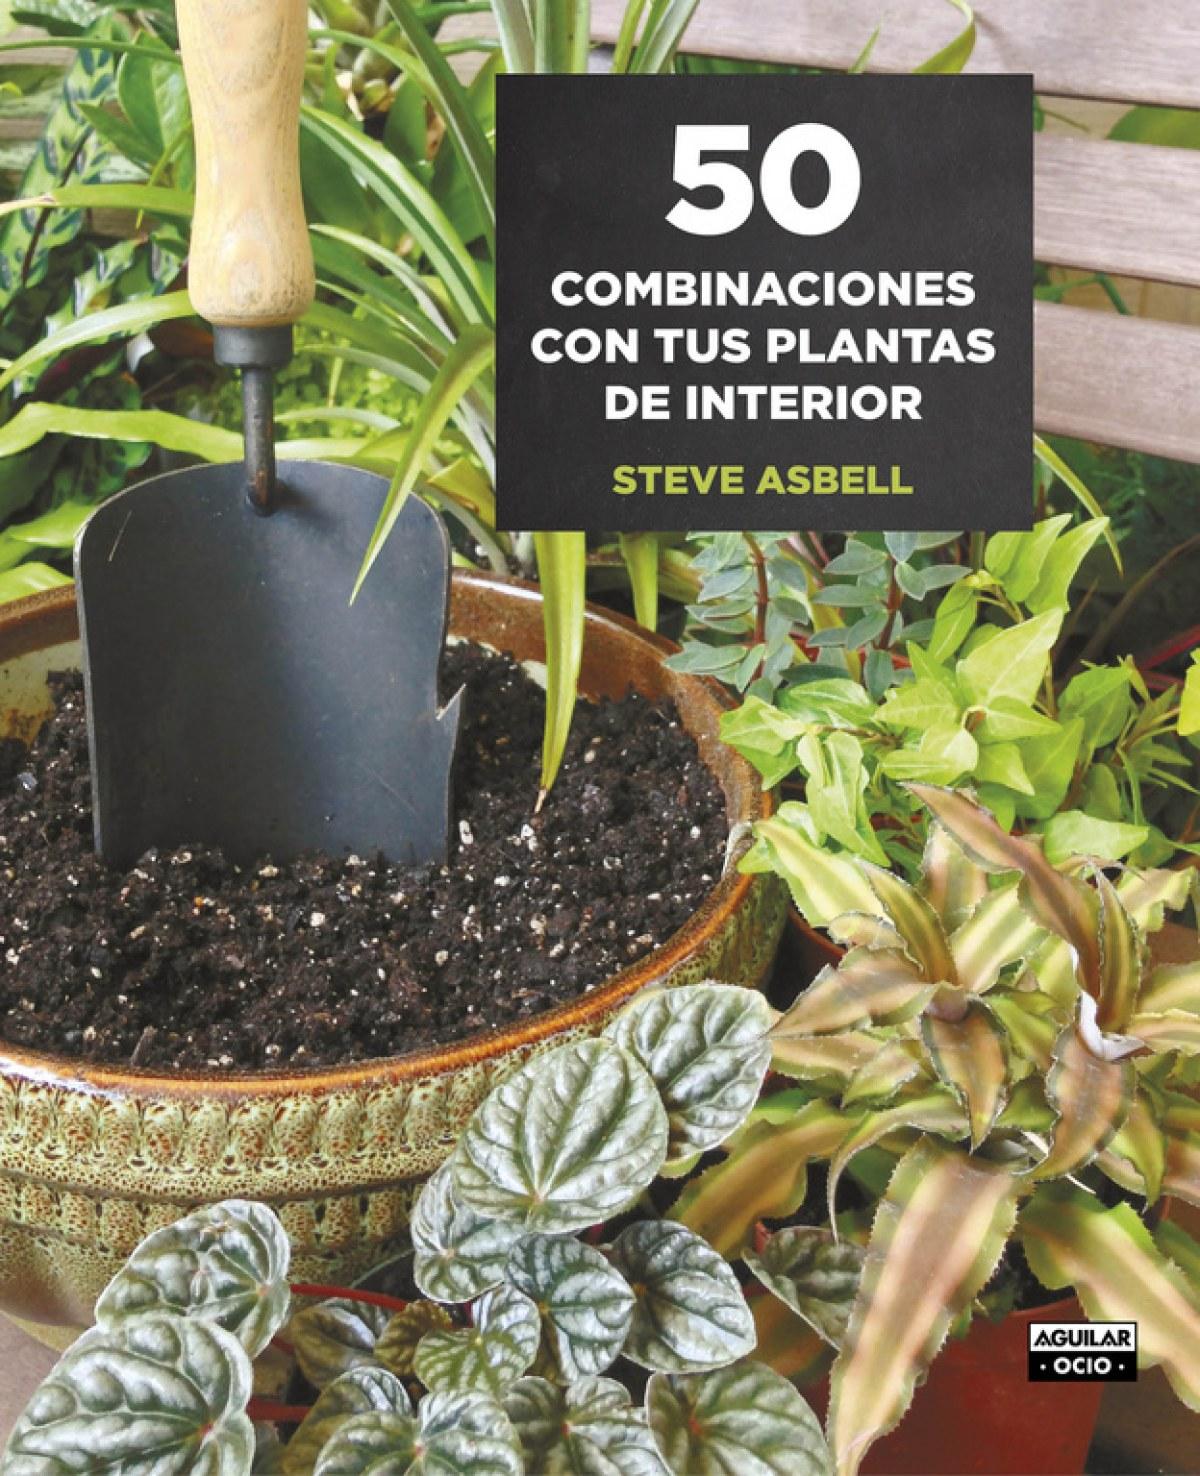 50 combinaciones con tus plantas de interior 9788403509146